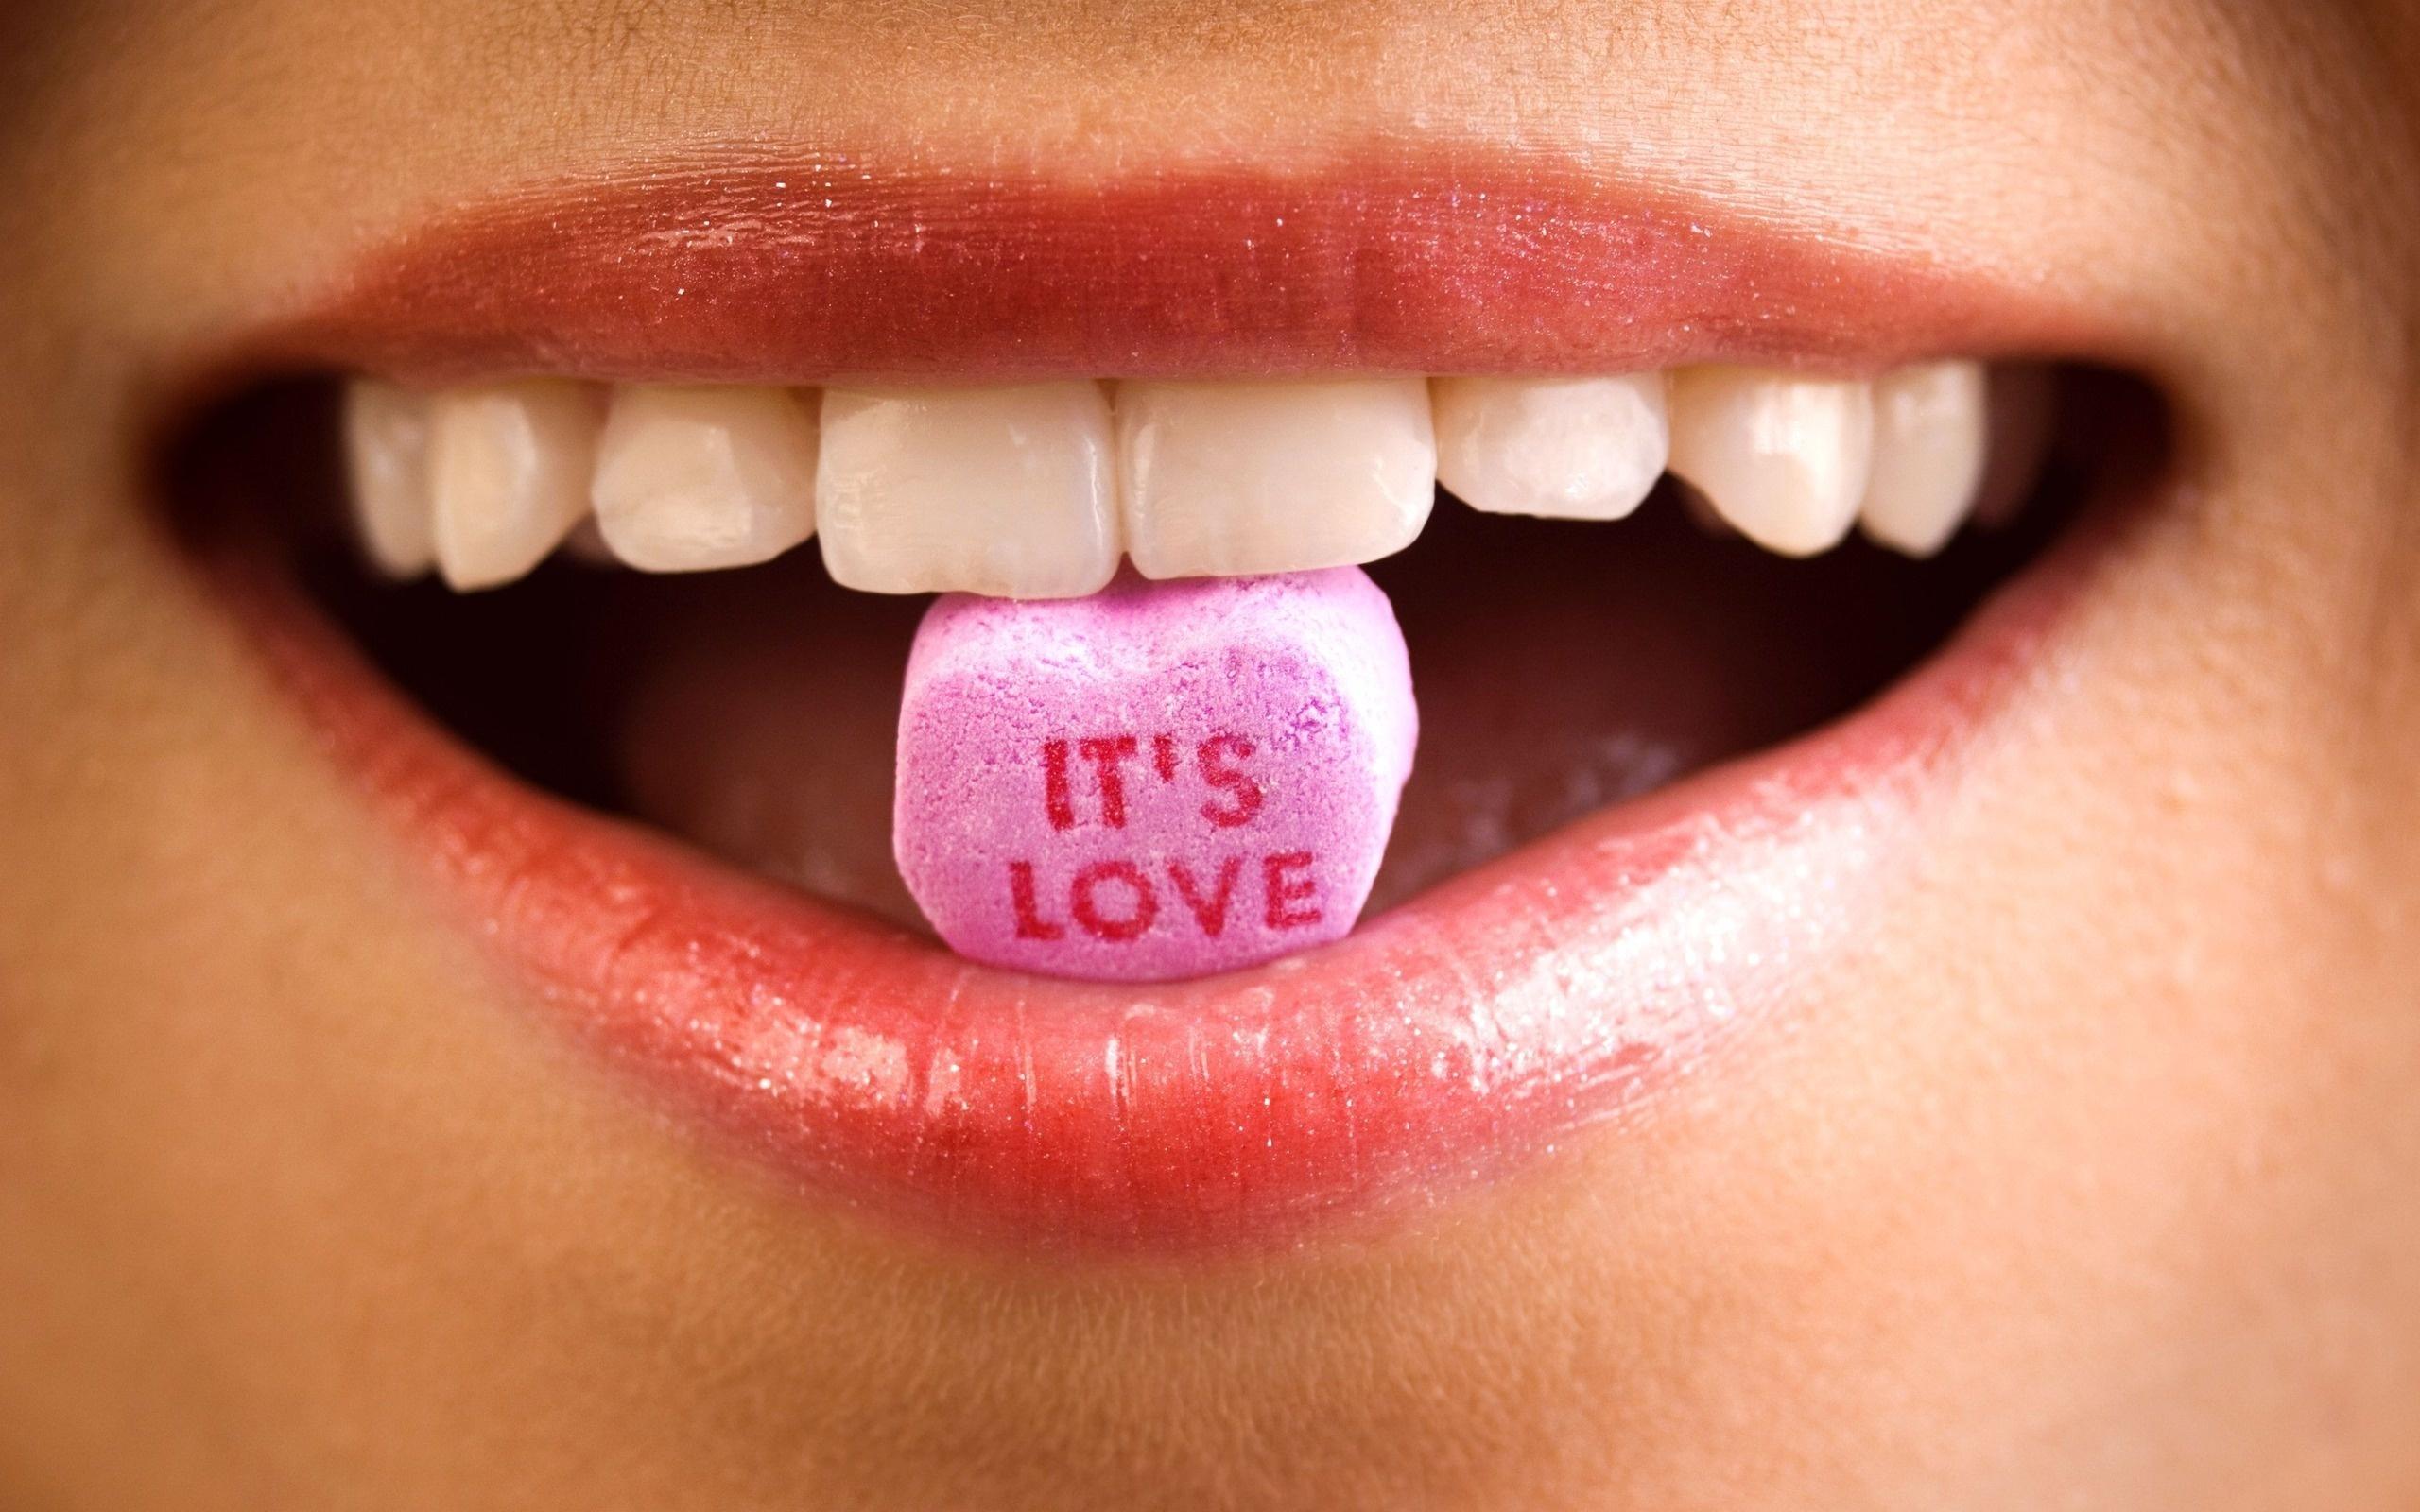 это любовь, губы, улыбка, зубы, эмоция